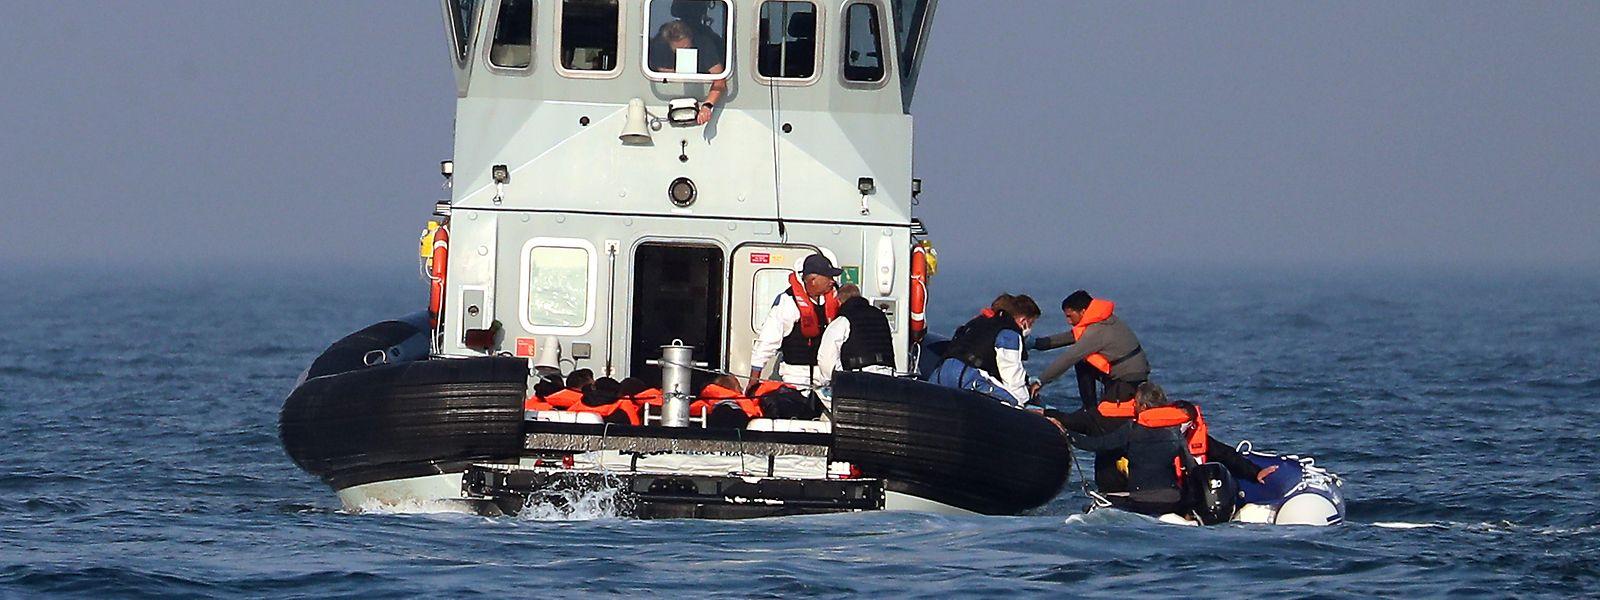 Britische Grenzschutzbeamte helfen einer Gruppe mutmaßlicher Migranten an Bord der HMC Hunter.